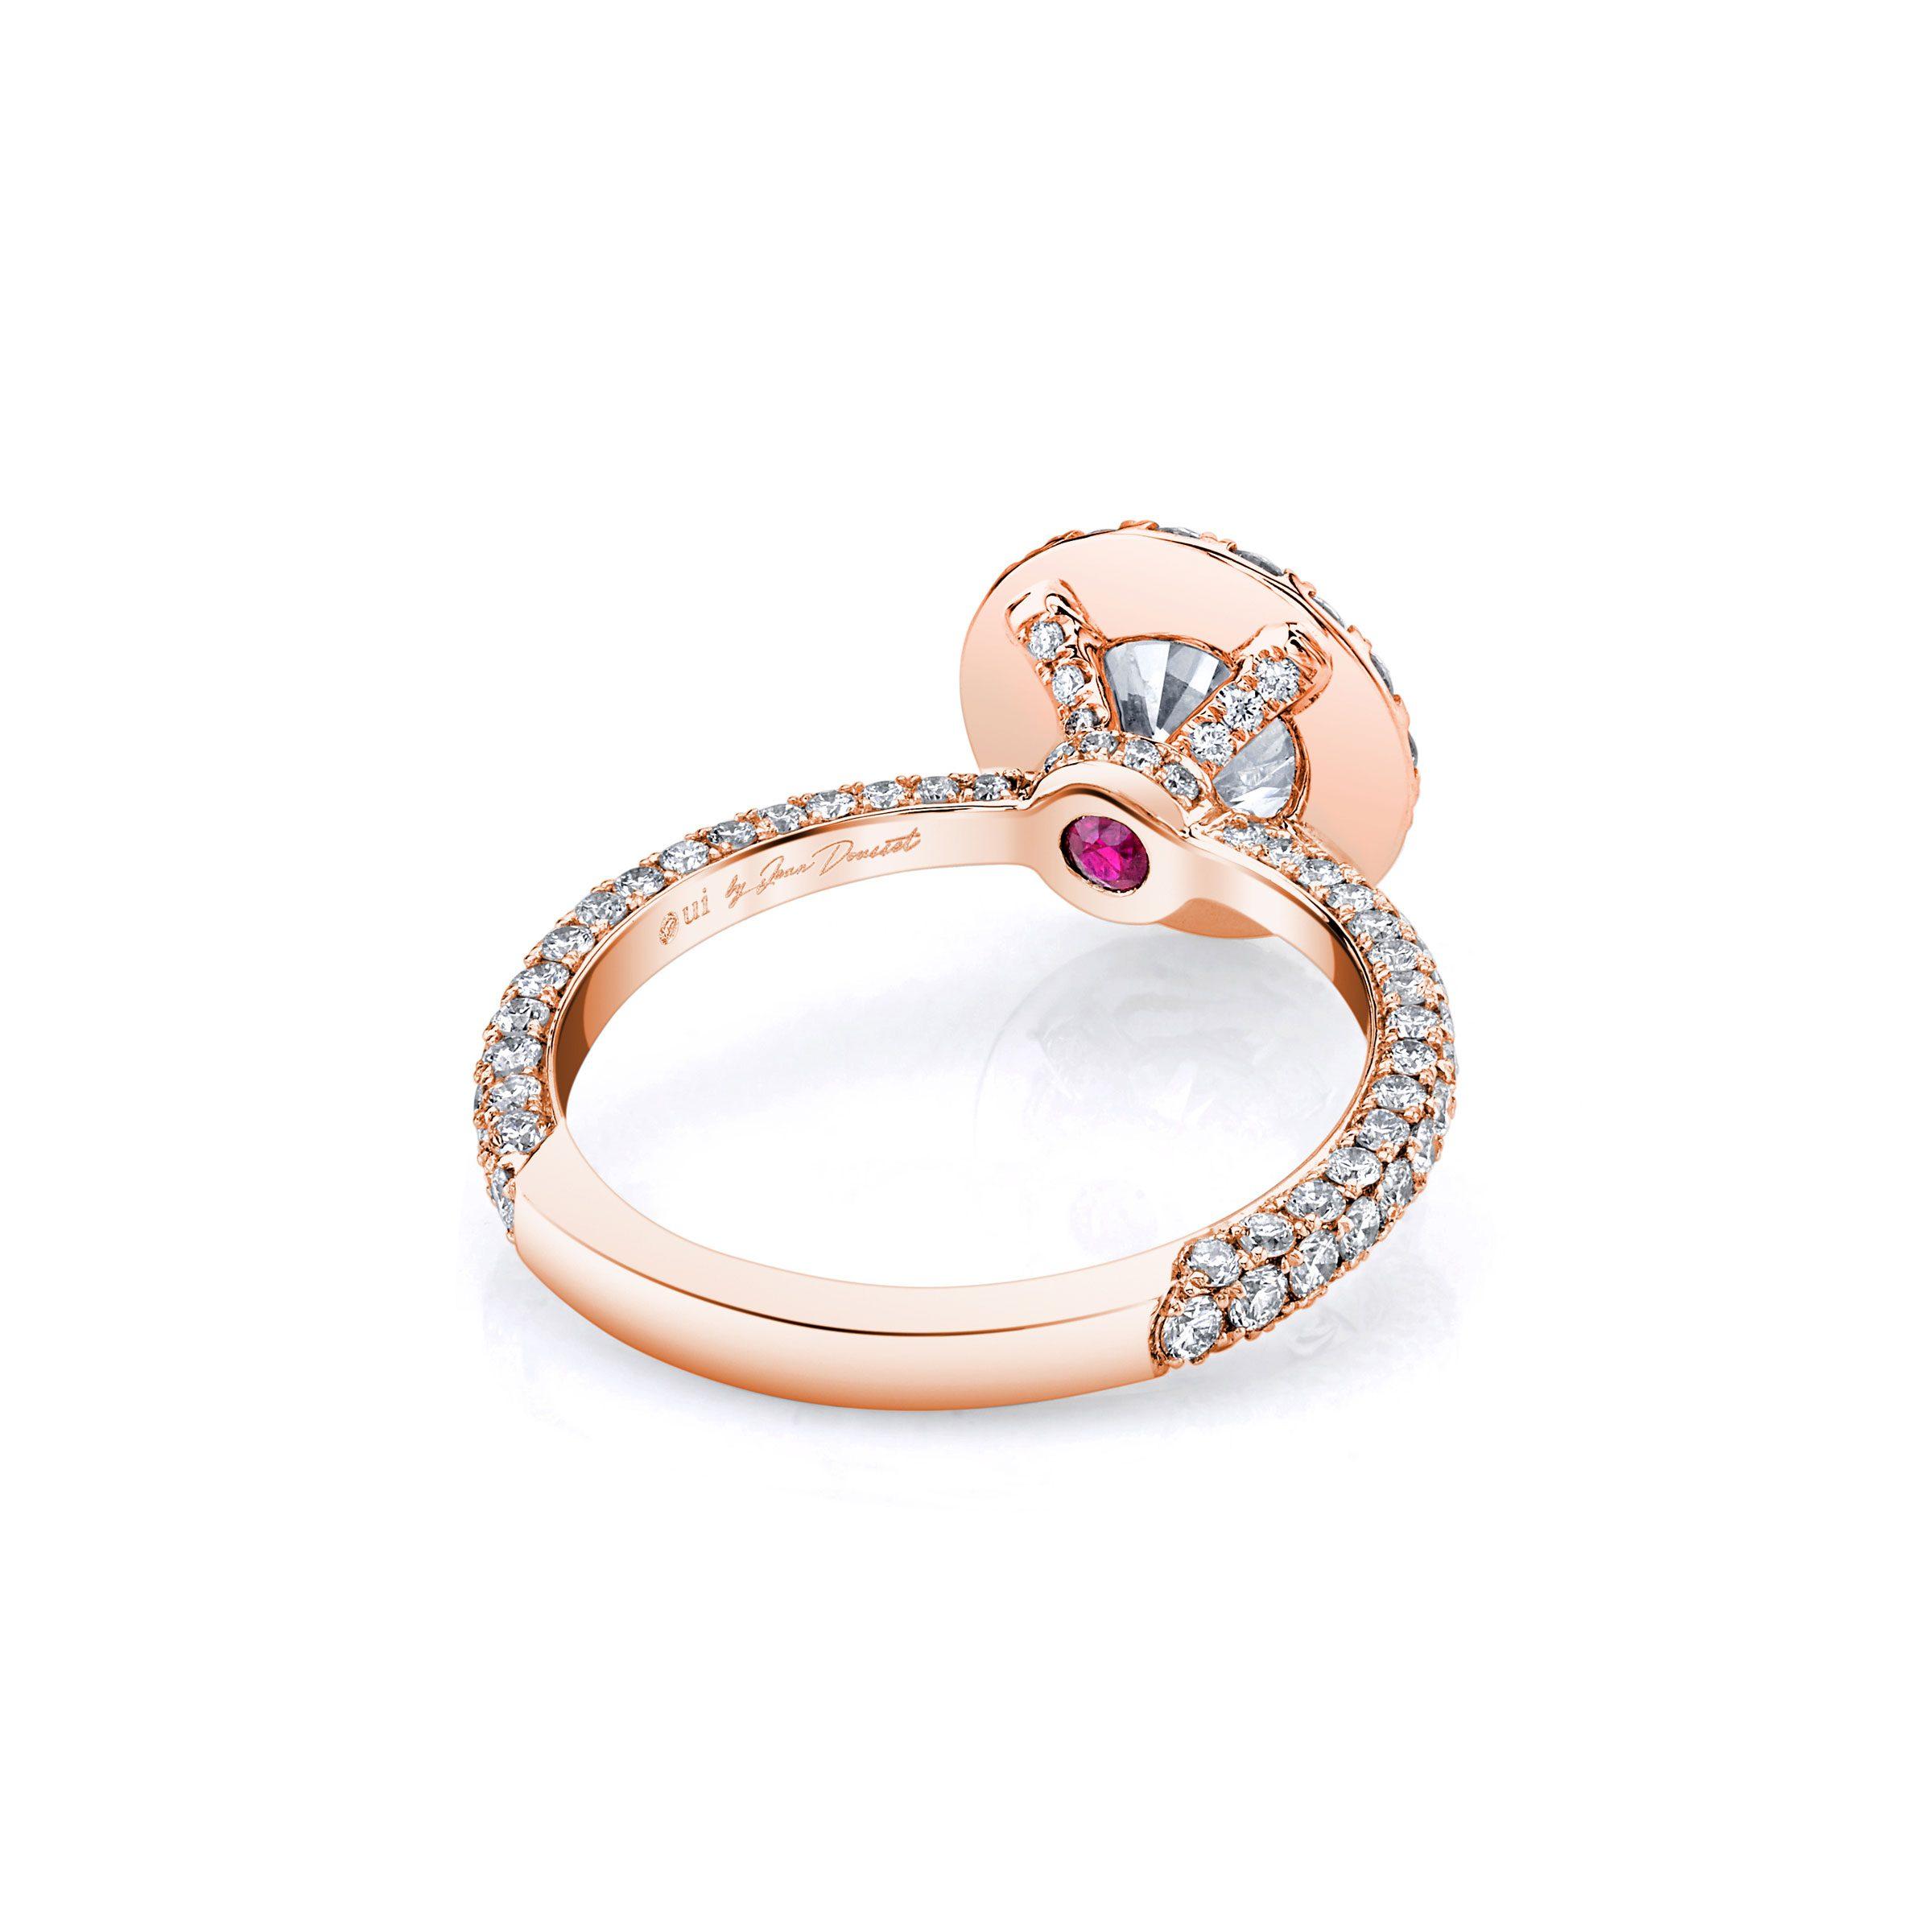 Jacqueline Seamless Halo® Round Brilliant Engagement Ring 18k Rose Gold Back Shot